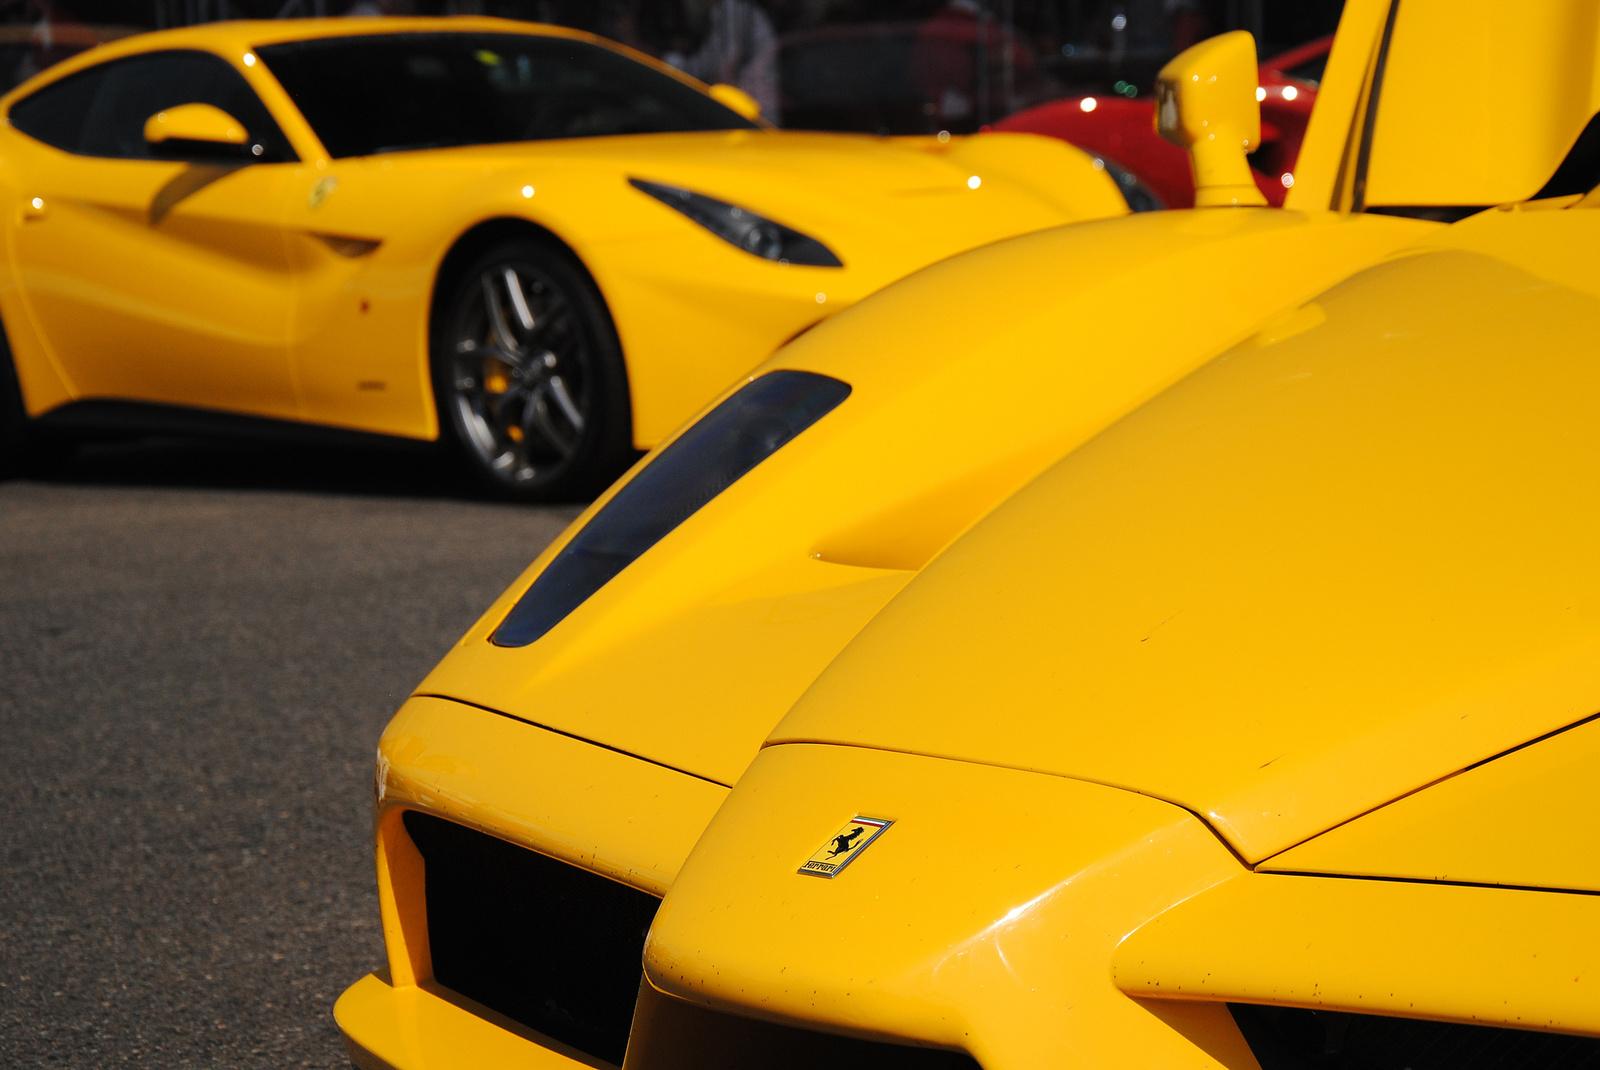 Ferrari F12berlinetta - Ferrari Enzo Ferrari